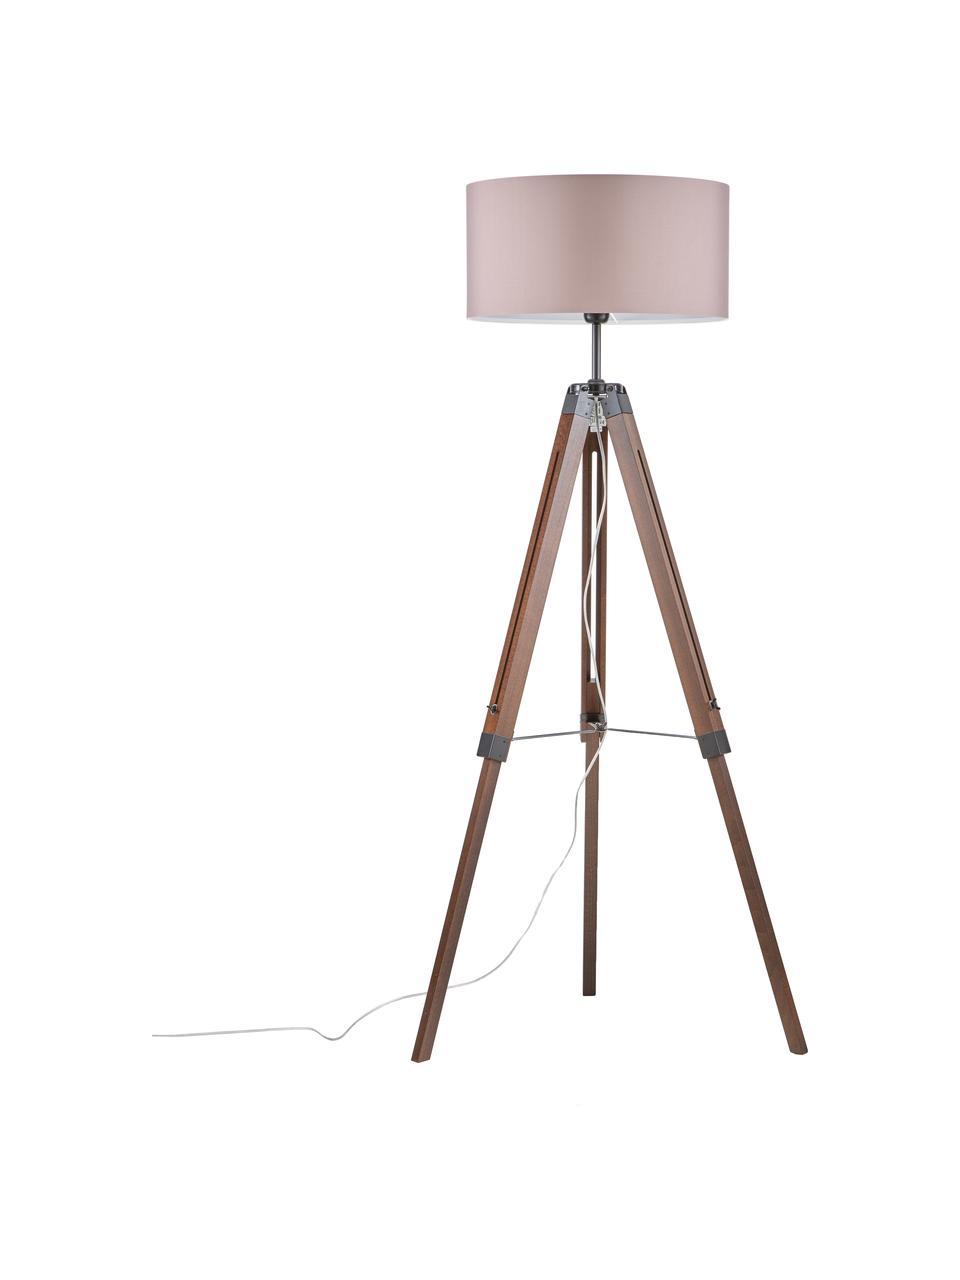 Lampa podłogowa z drewna z orzecha włoskiego Josey, Podstawa lampy: drewno orzecha włoskiego, czarny Klosz: taupe, Ø 70 x W 150 cm